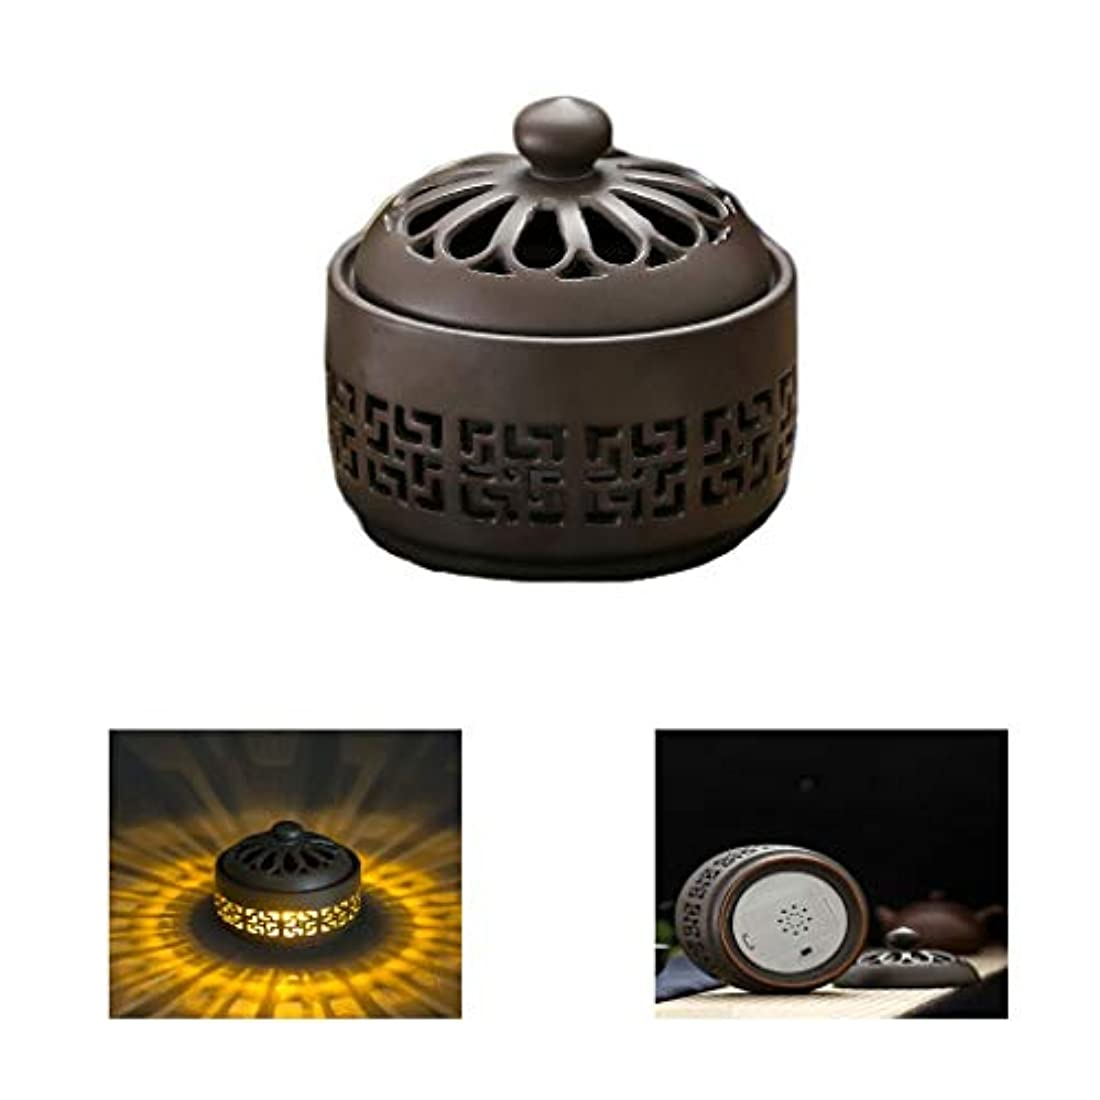 良性ご予約合法ホームアロマバーナー LED暖かい光香バーナーレトロノスタルジックなセラミック香炉高温アロマセラピー炉 アロマバーナー (Color : Earth tones)